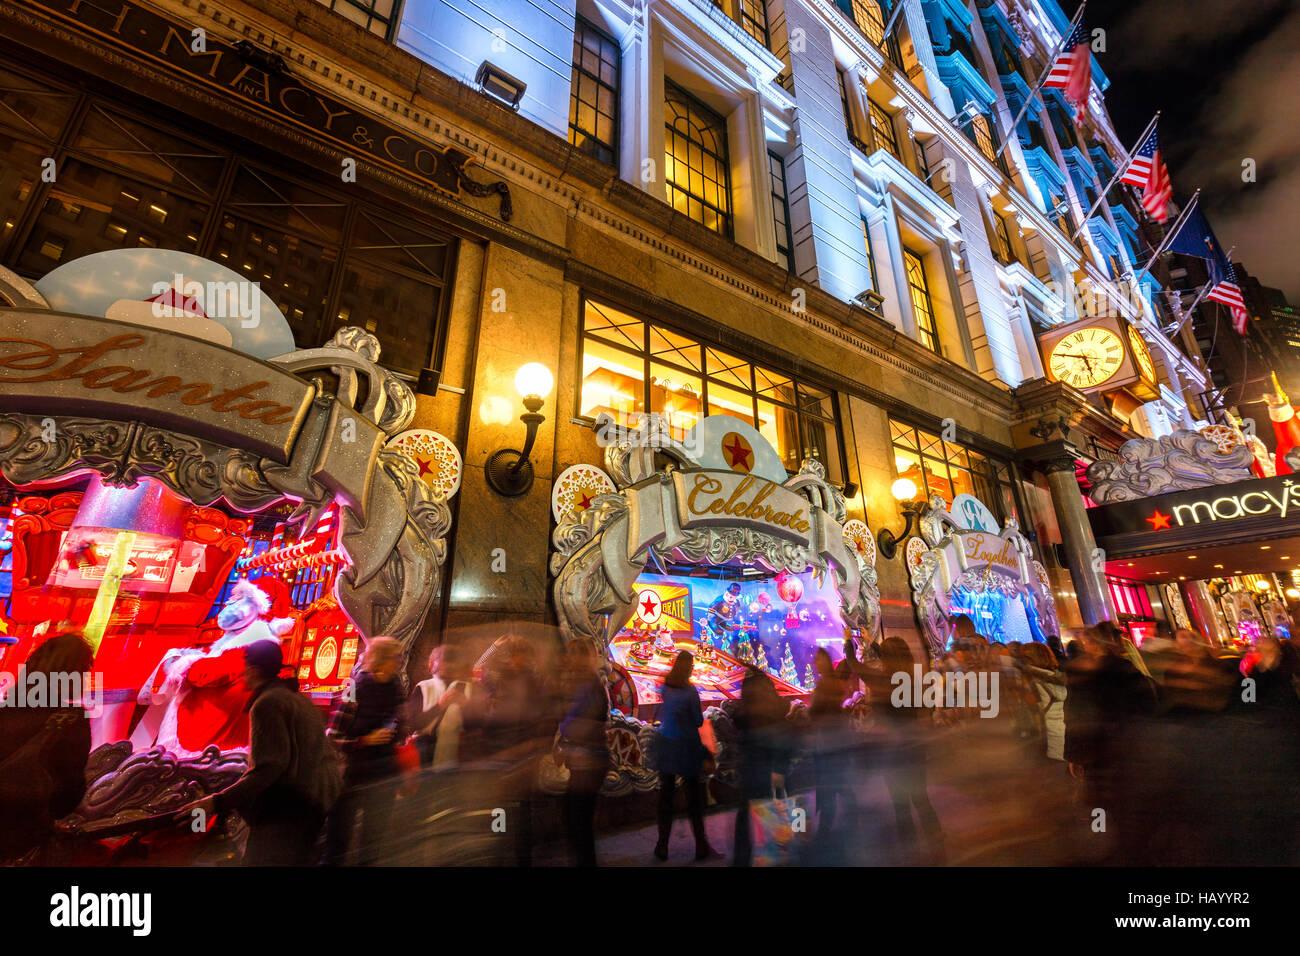 Macy's (Kaufhaus) mit Weihnachtsbeleuchtung und Urlaub-Fenster wird angezeigt. Midtown Manhattan, New York CIty Stockbild